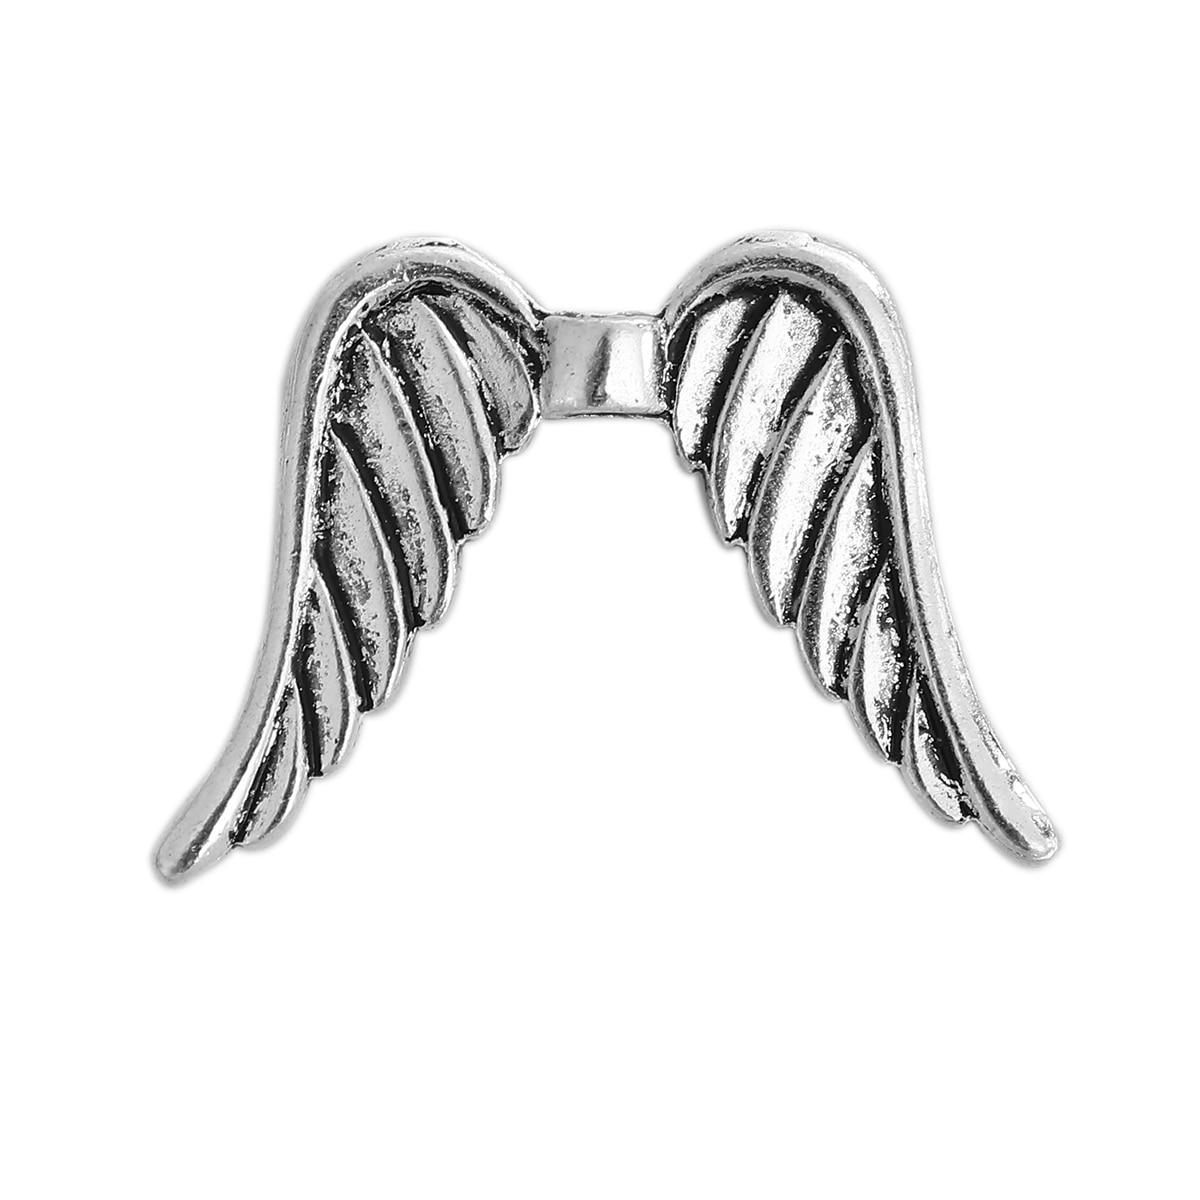 Цинковый сплав на основе Spacer крыло старинное серебро 32 мм (2/8 «) x 24 мм (1 «), отверстие: Приблизительно 2,2 мм, 10 шт.